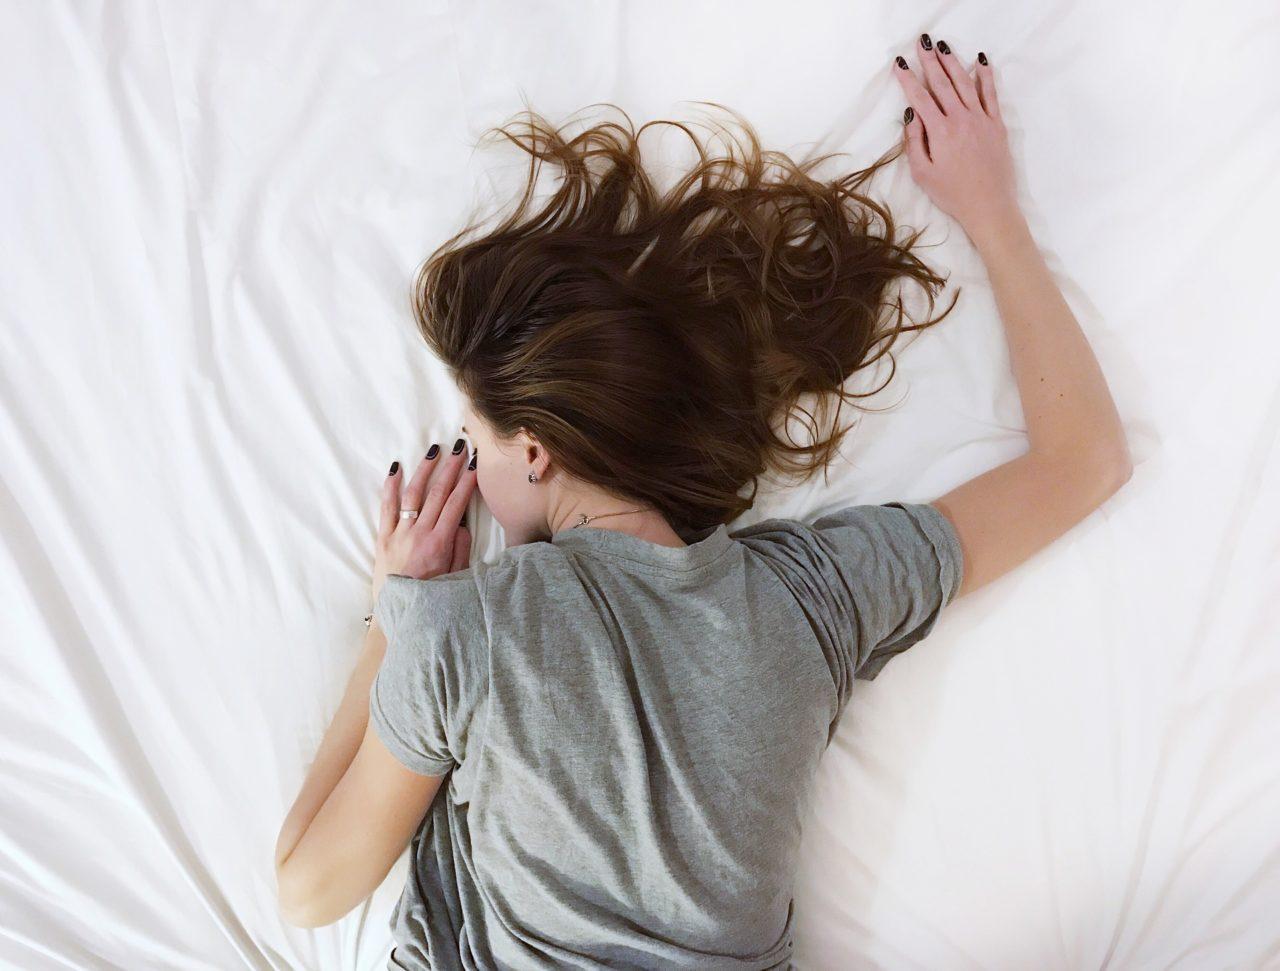 Umorni ste ali ne možete da zaspite? Uz ovaj trik zaspaćete za 2 sekunde!